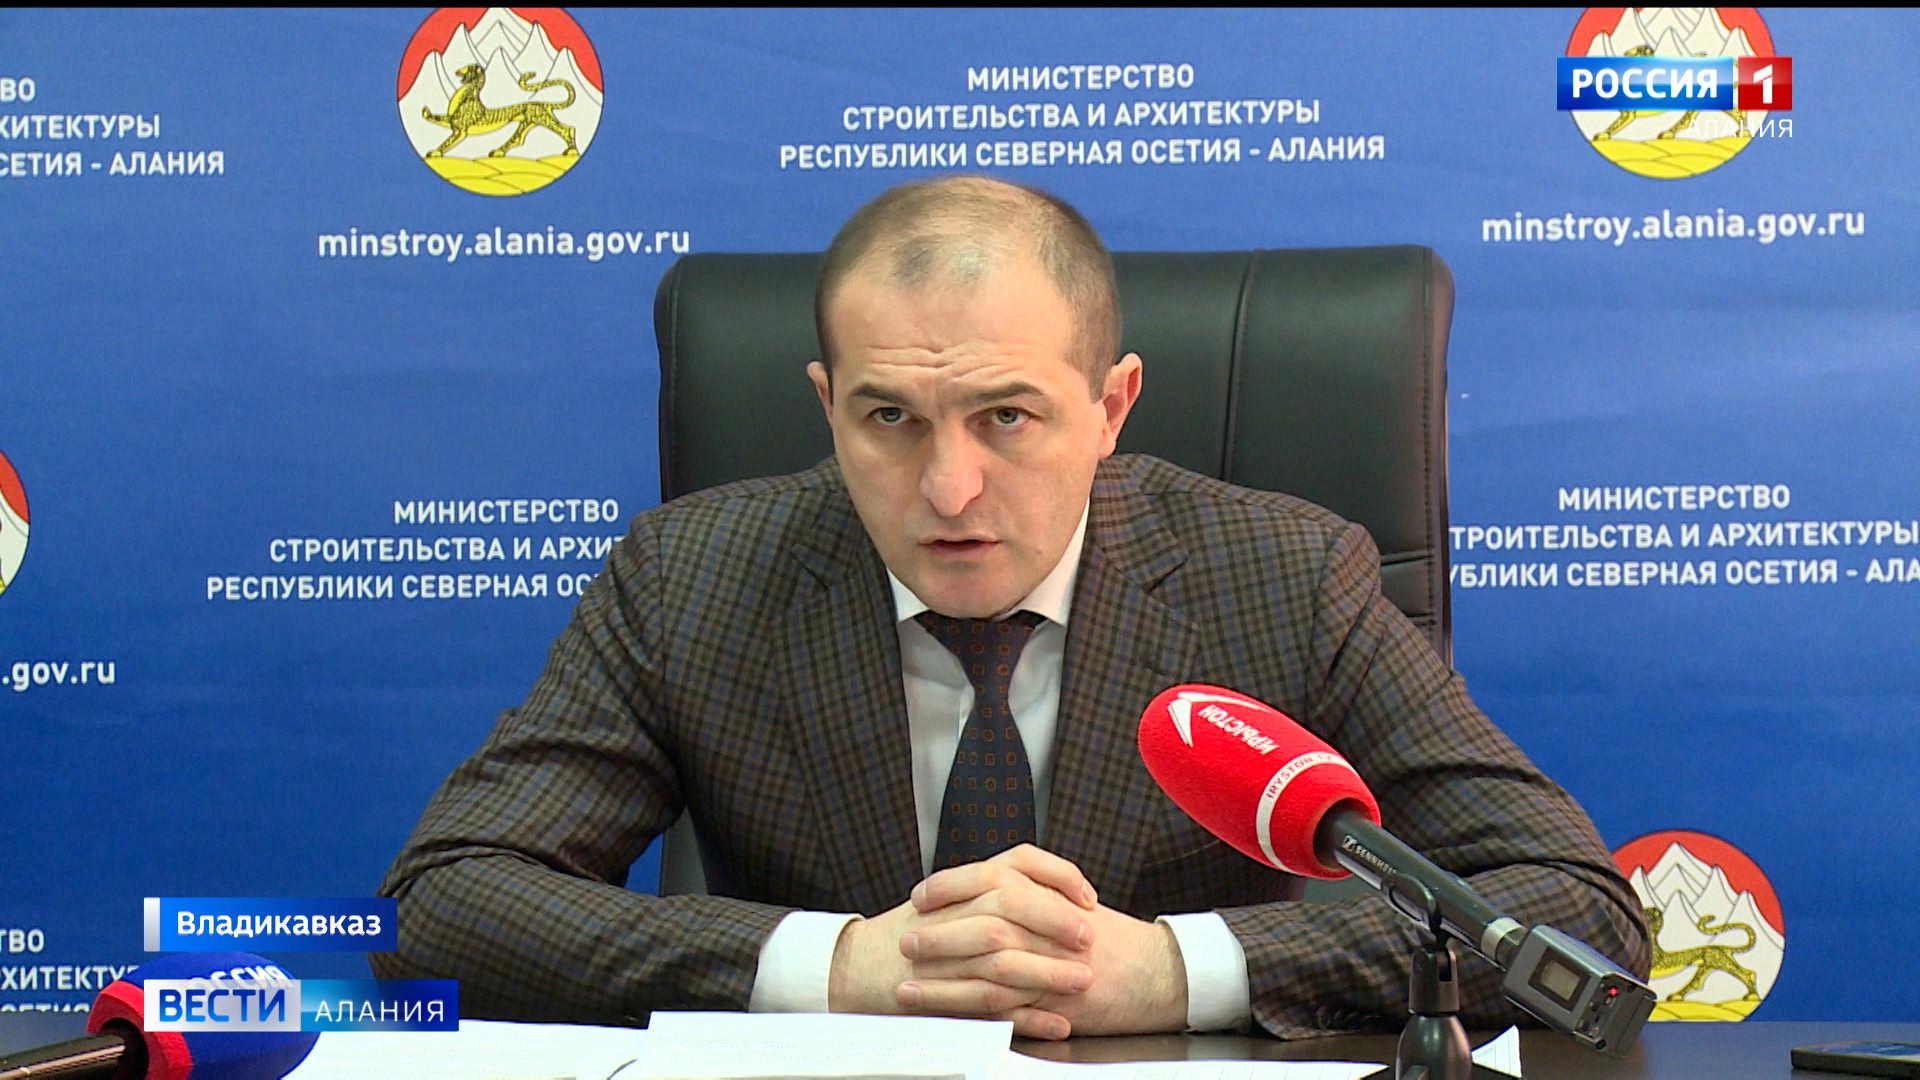 Глава Минстроя Артур Тотиков рассказал о планах по строительству и реконструкции объектов в 2021 году